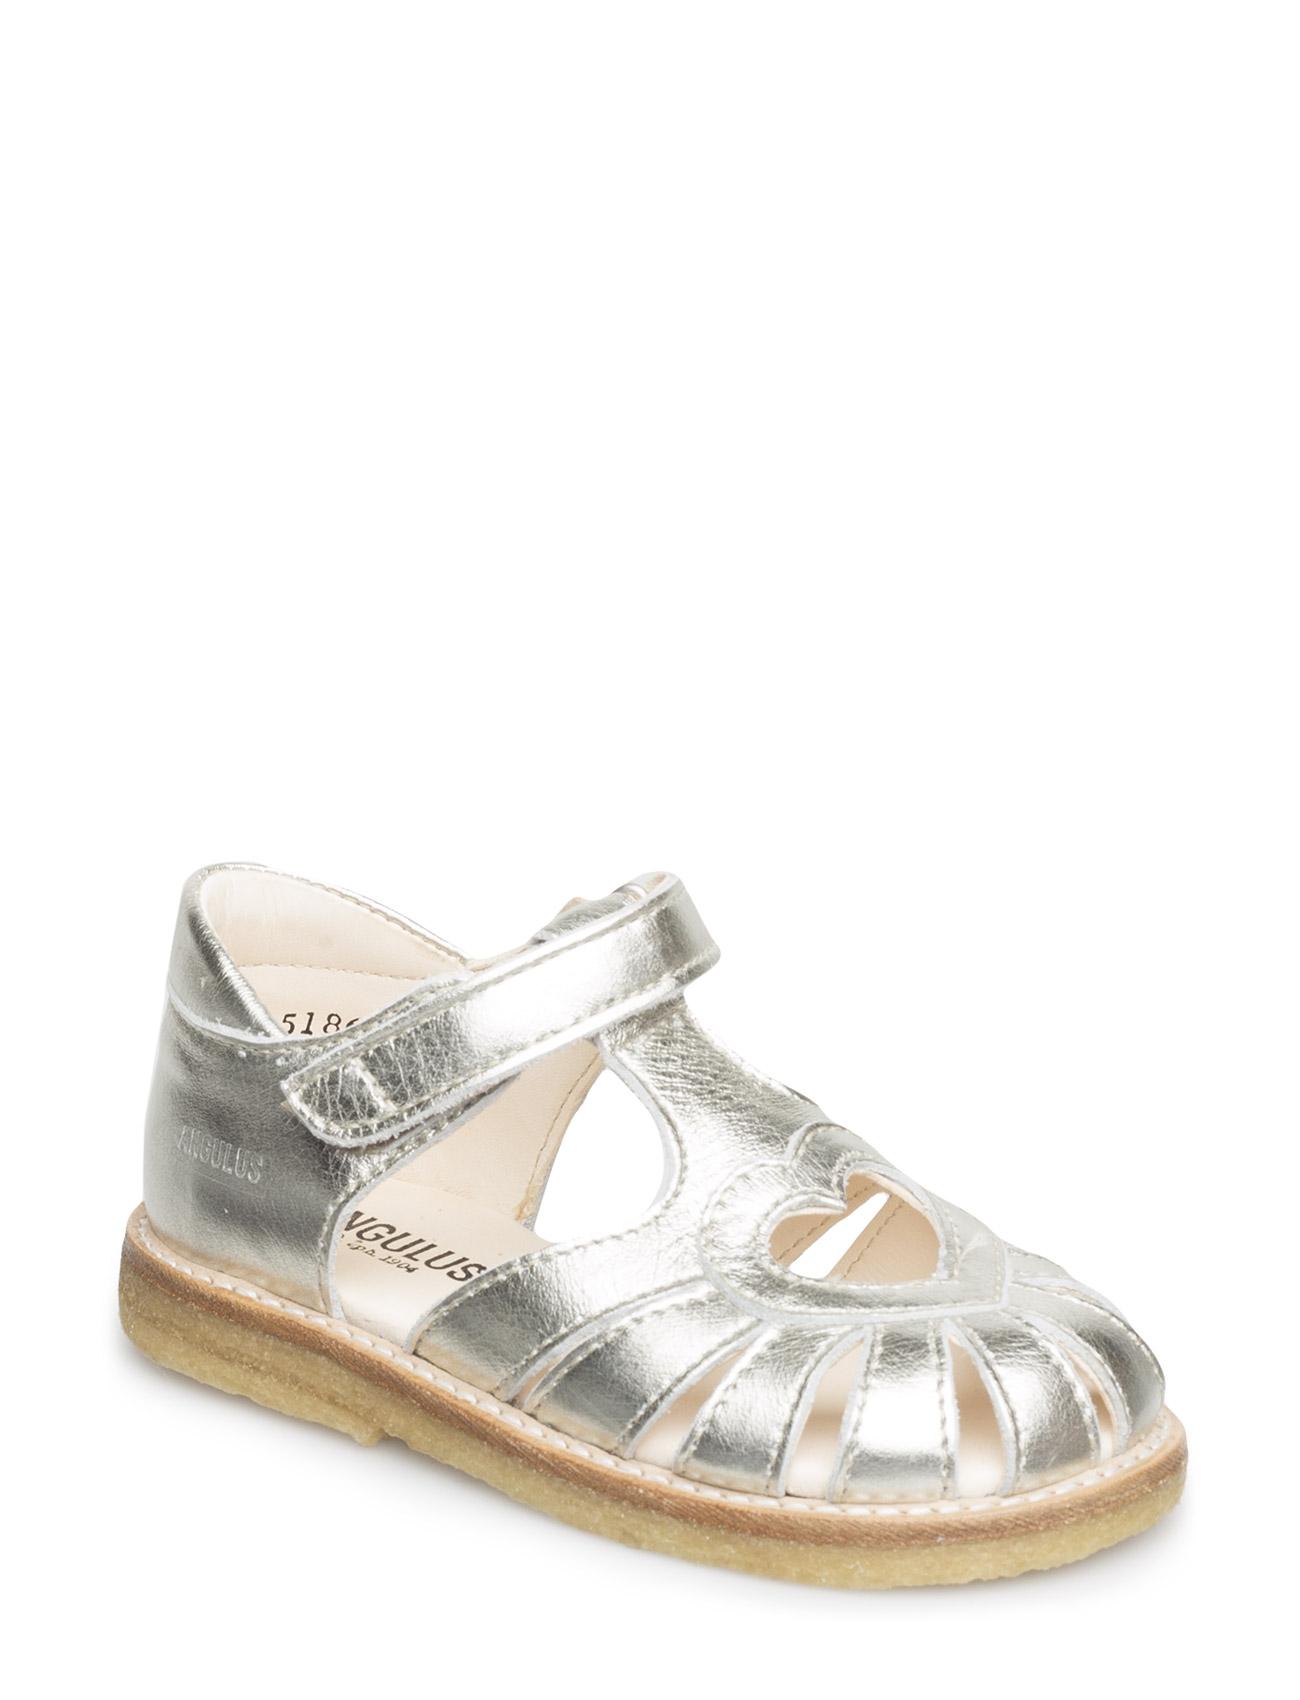 Sandal With Heart Detail ANGULUS Sandaler til Børn i